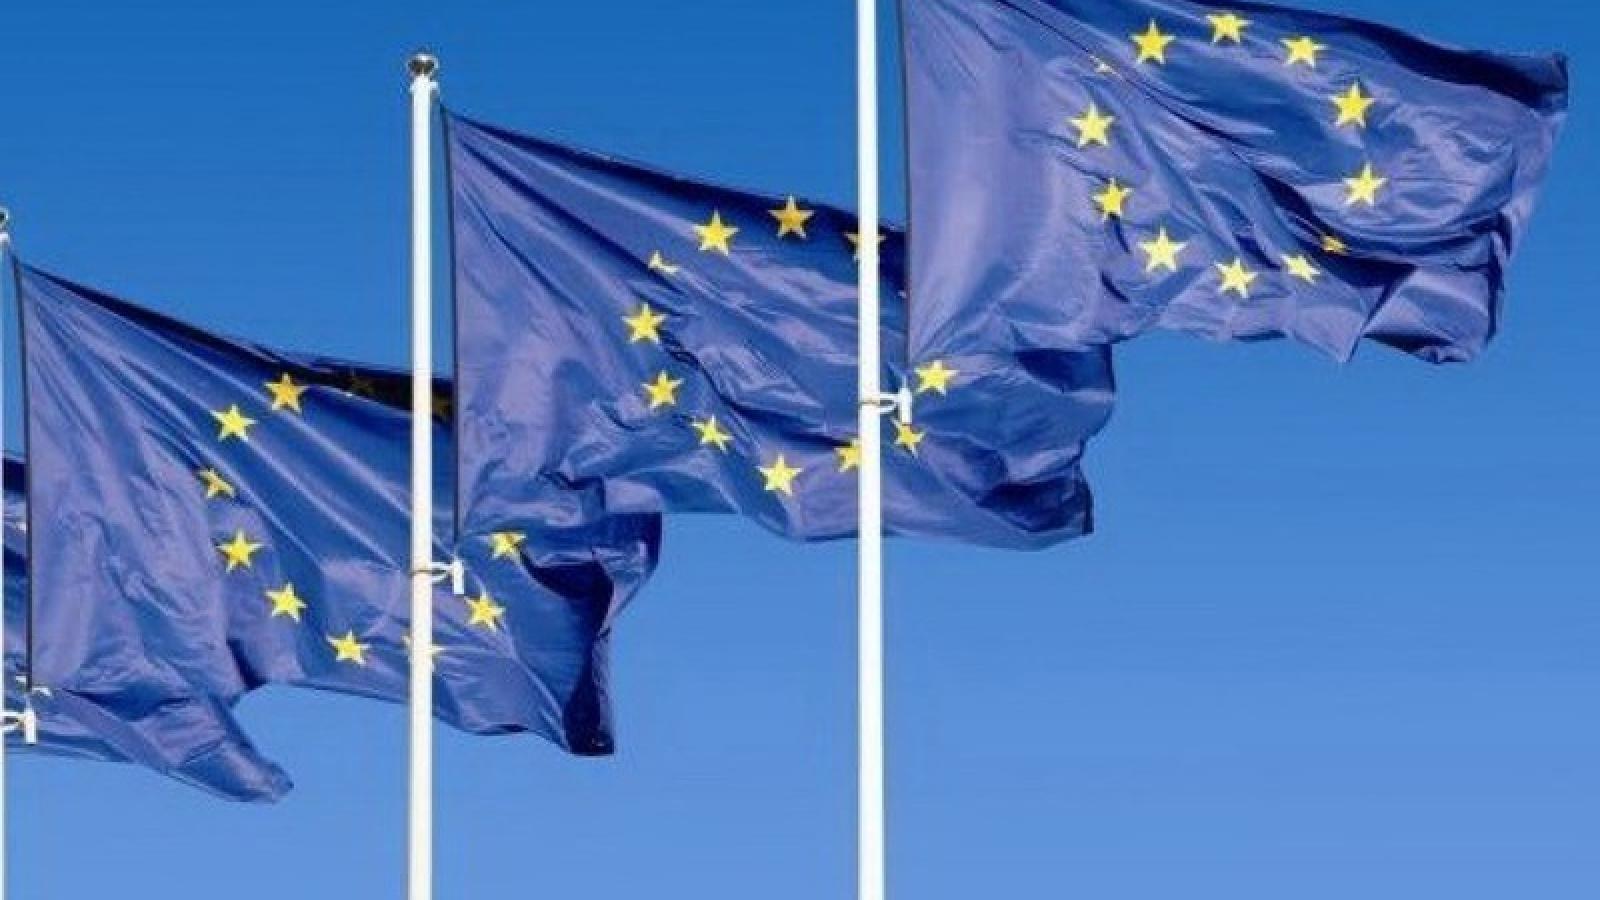 Hội nghị Thượng đỉnh EU căng thẳng vì gói phục hồi kinh tế 750 tỷ euro